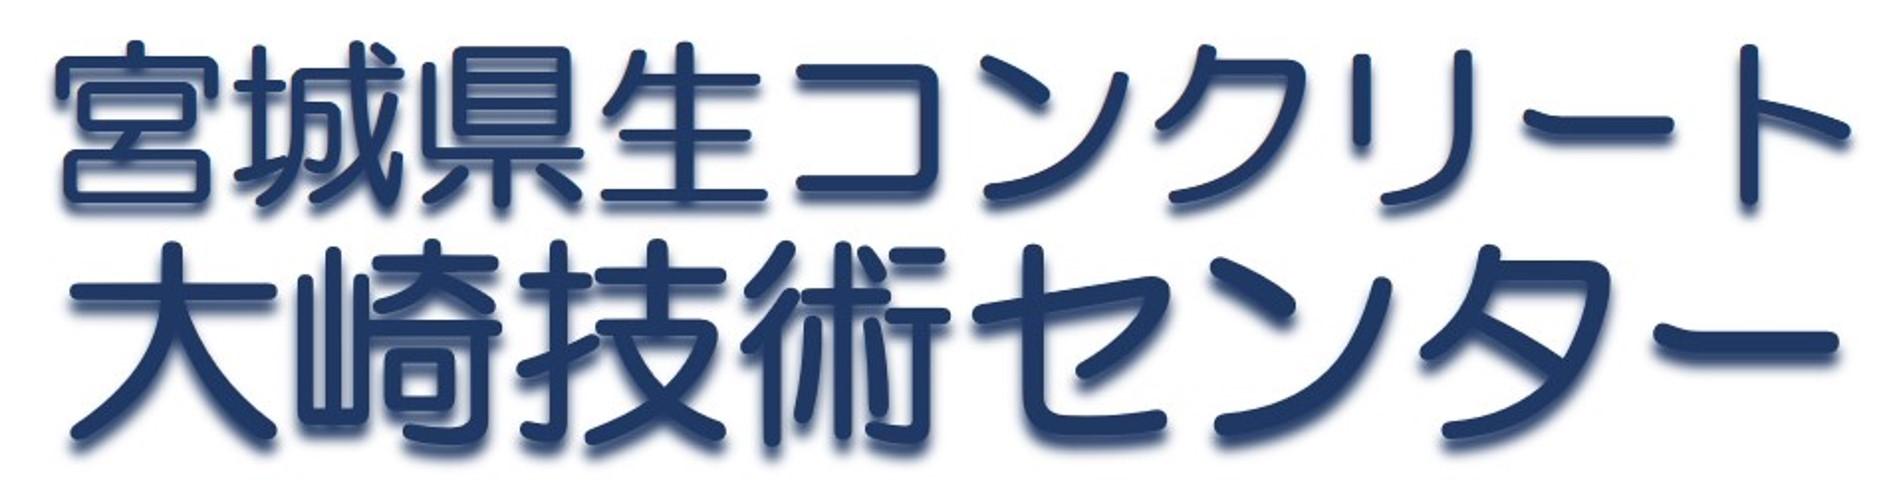 宮城県生コンクリート 大崎技術センター